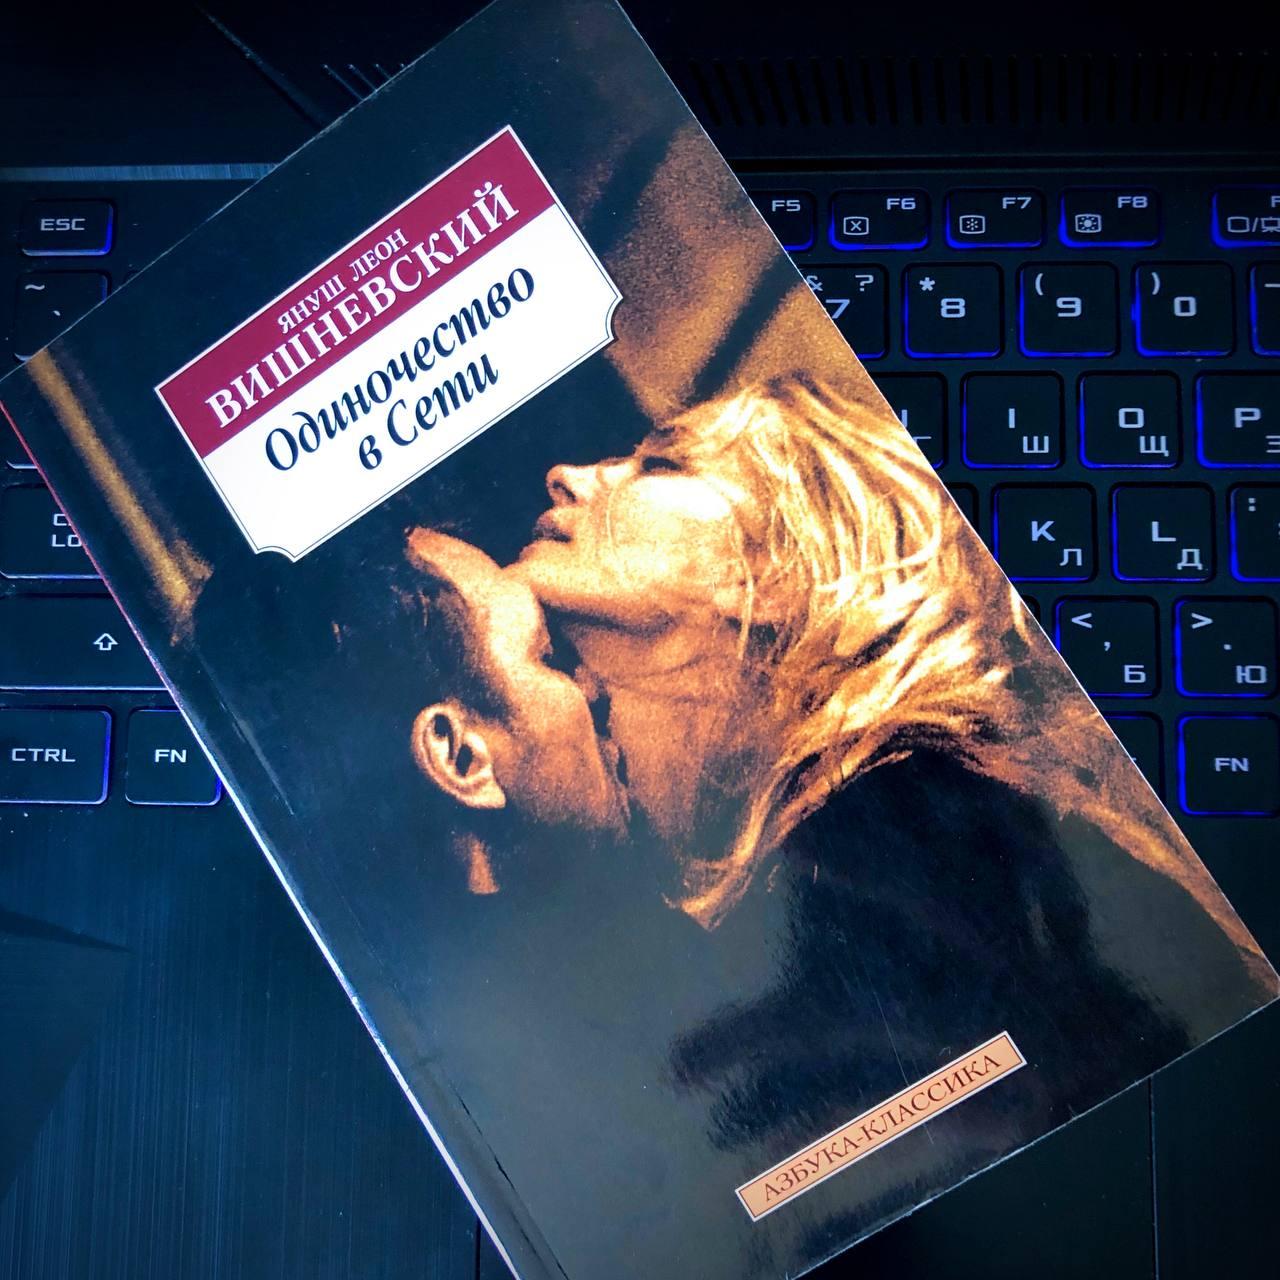 Начала «Одиночество в Сети» Вишневского. После 100 страниц я восторге, в каком...